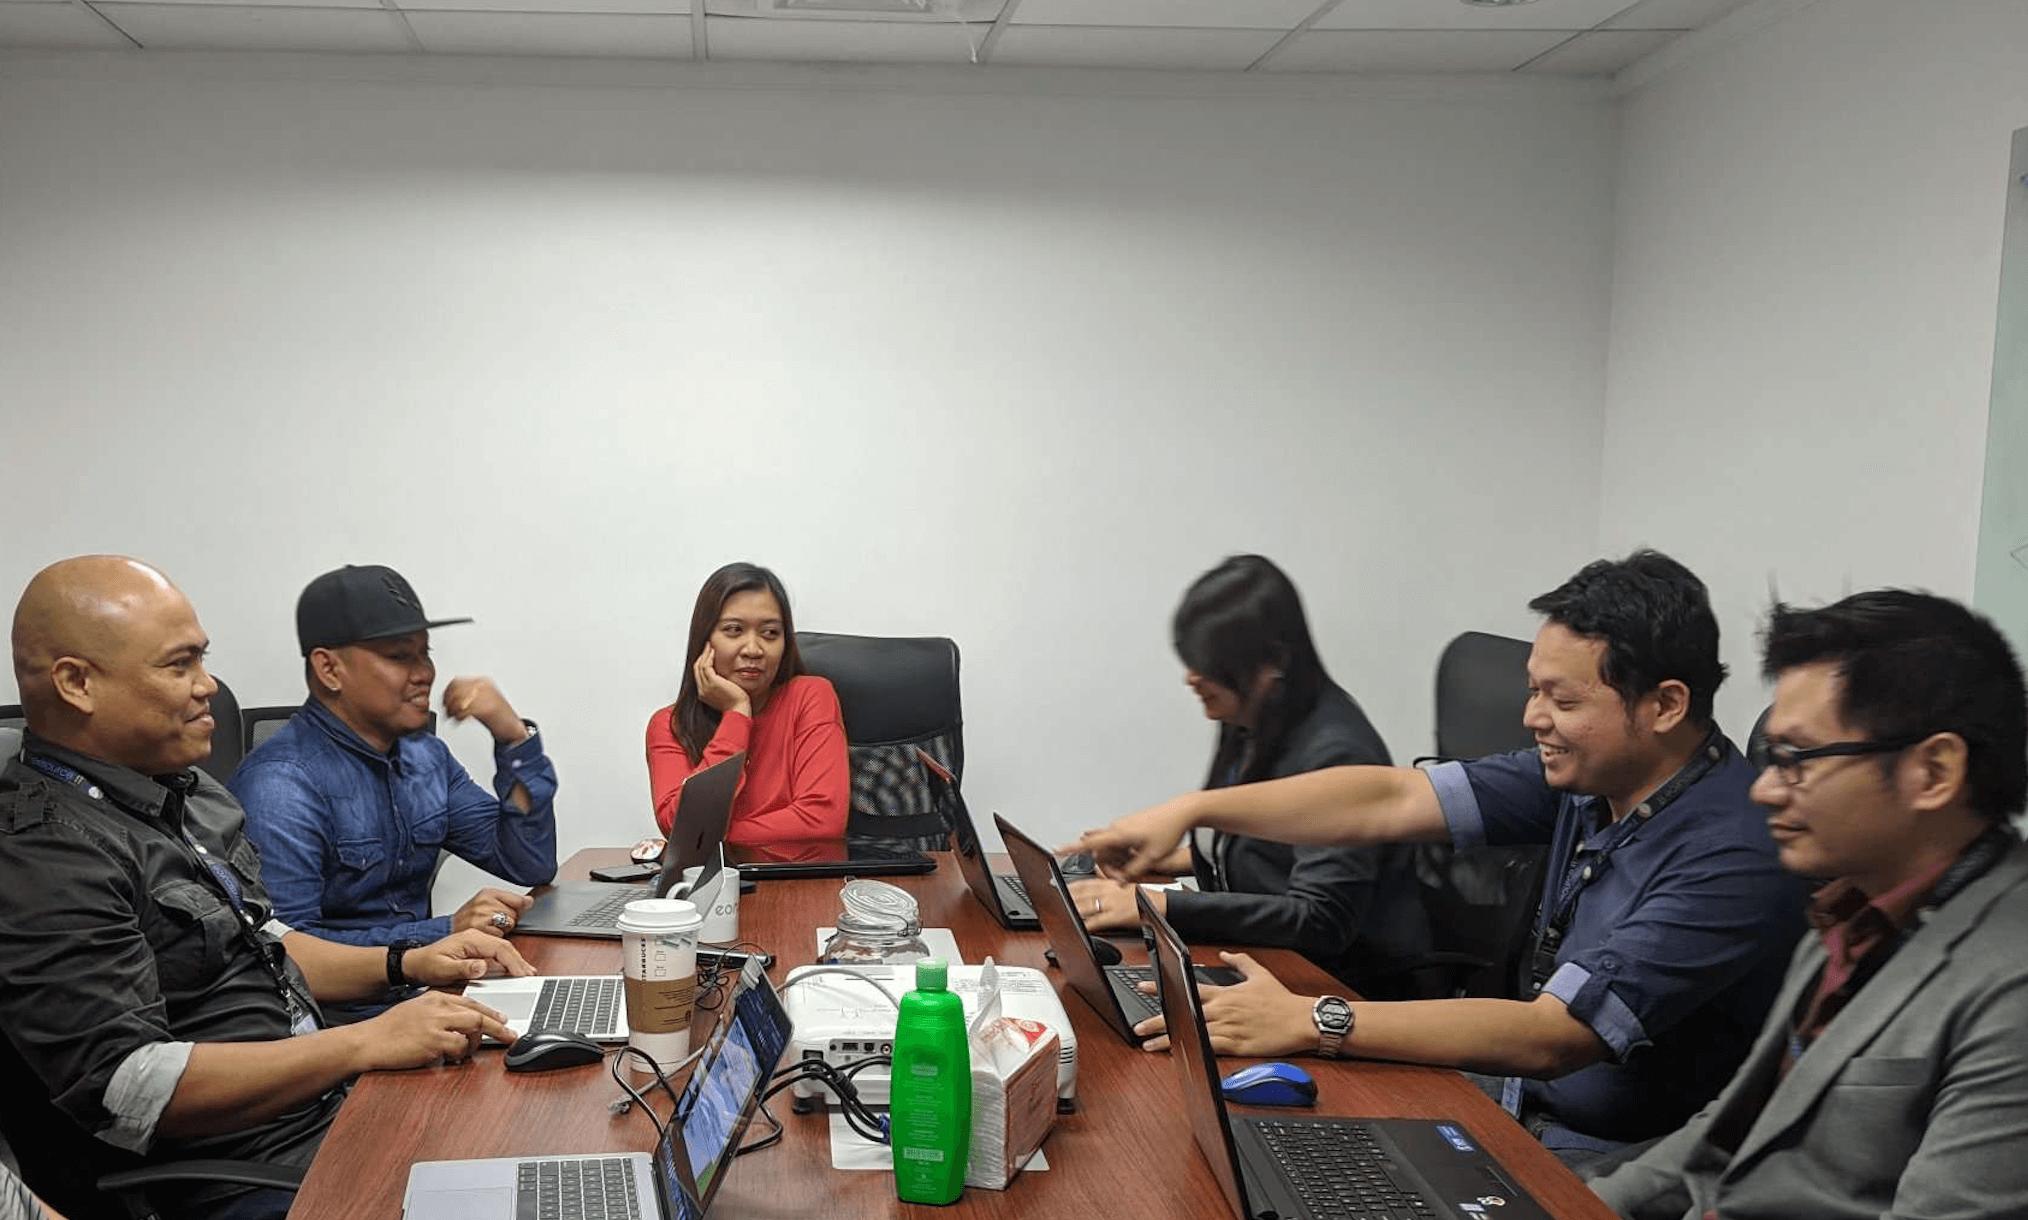 Flexisource It's Effective Project Management Practices